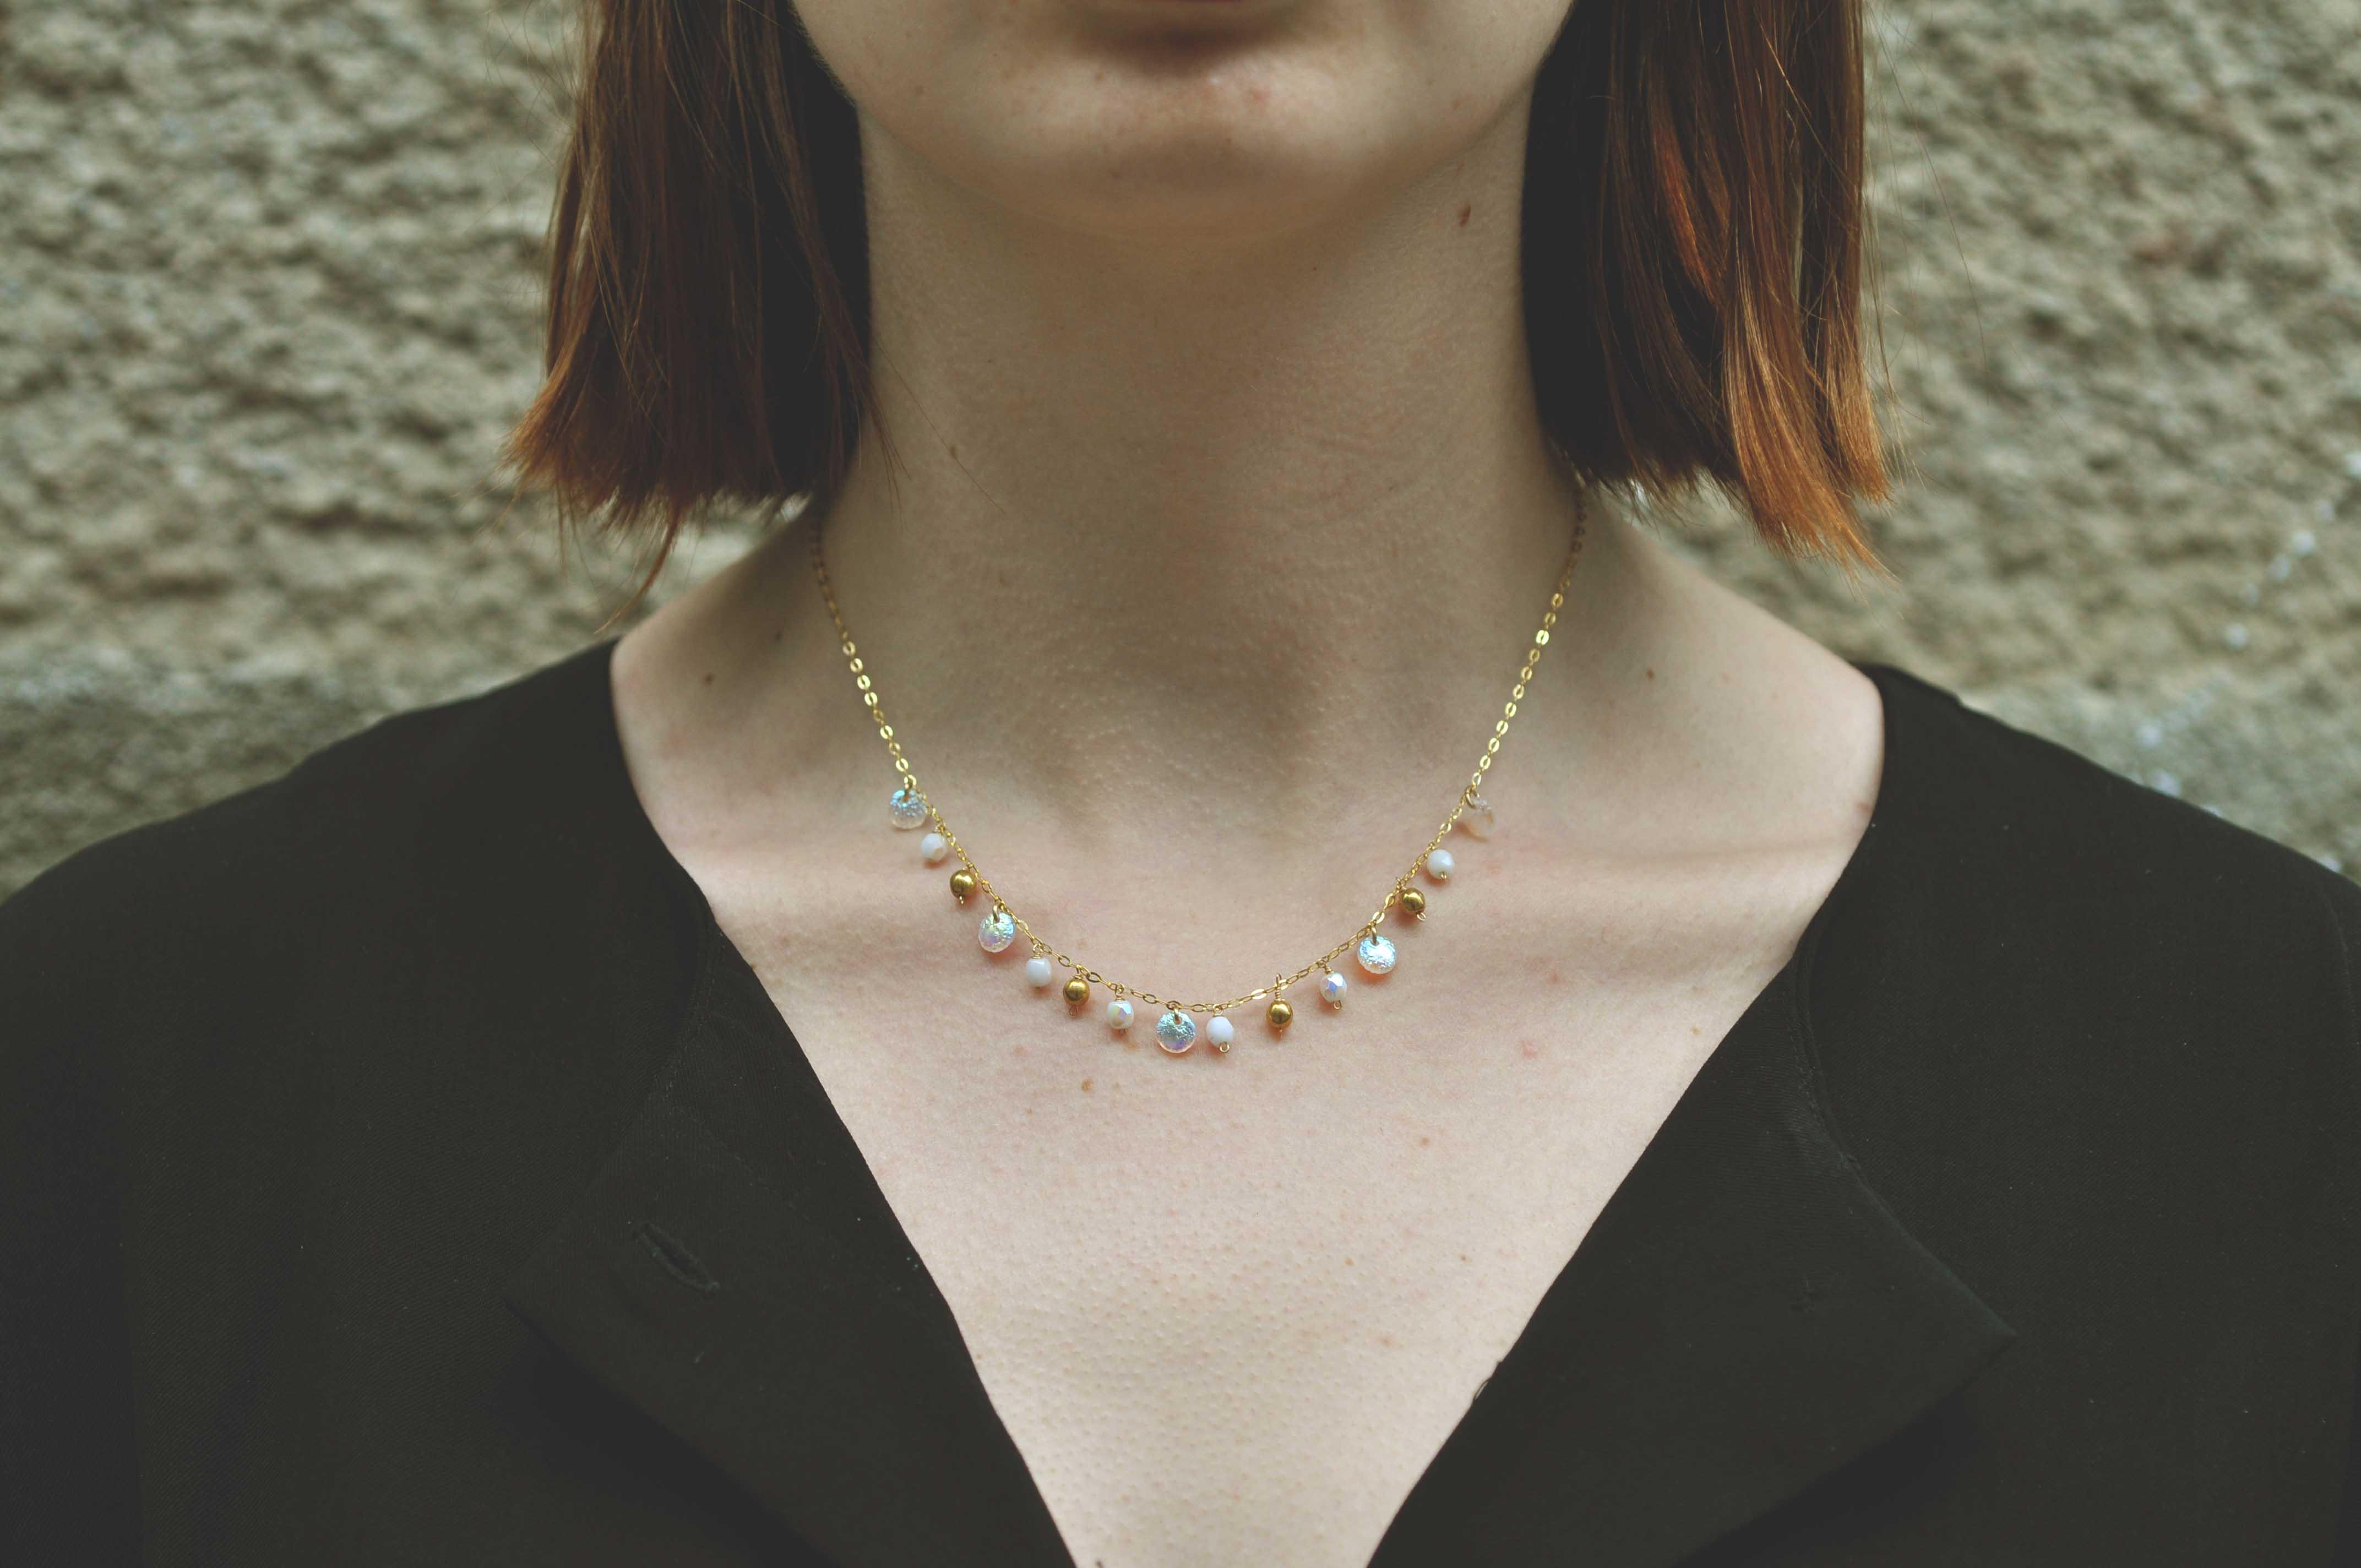 marie gonon bijouxcréation saint-etienne loire - collier en gold filled et perles